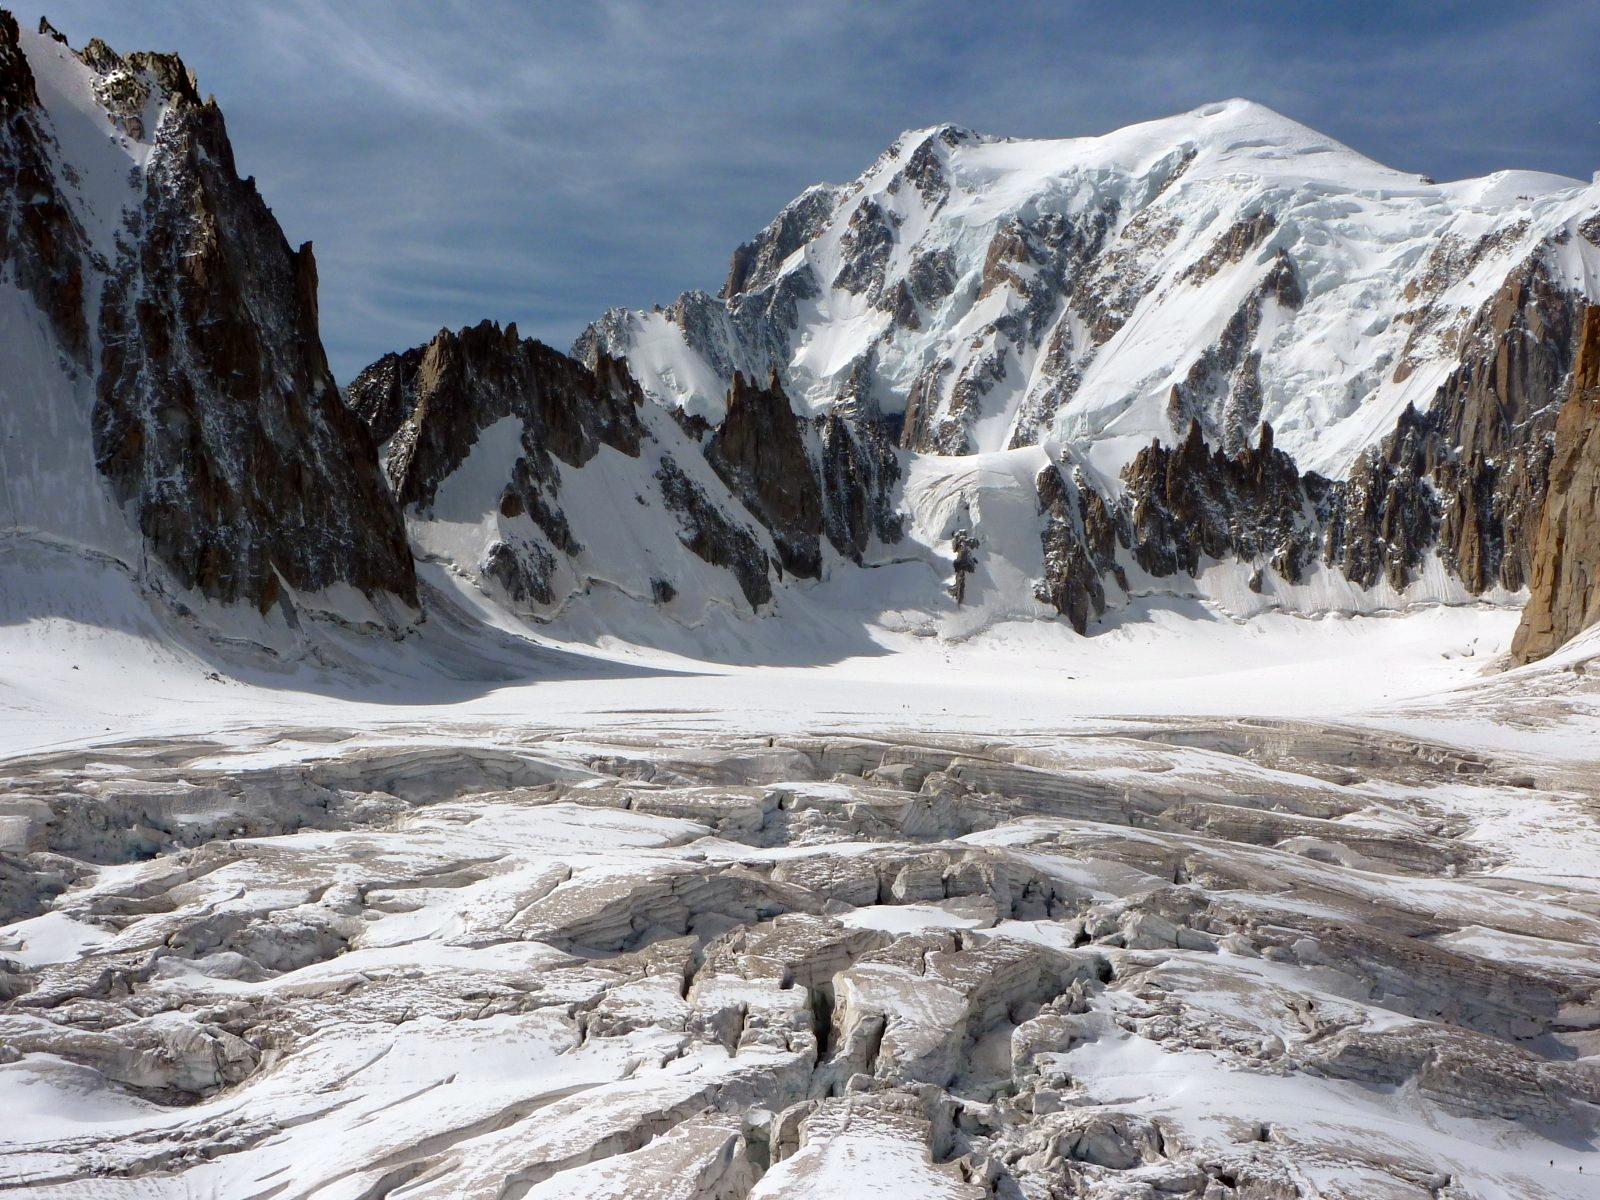 Seracchi davanti al Monte Bianco....